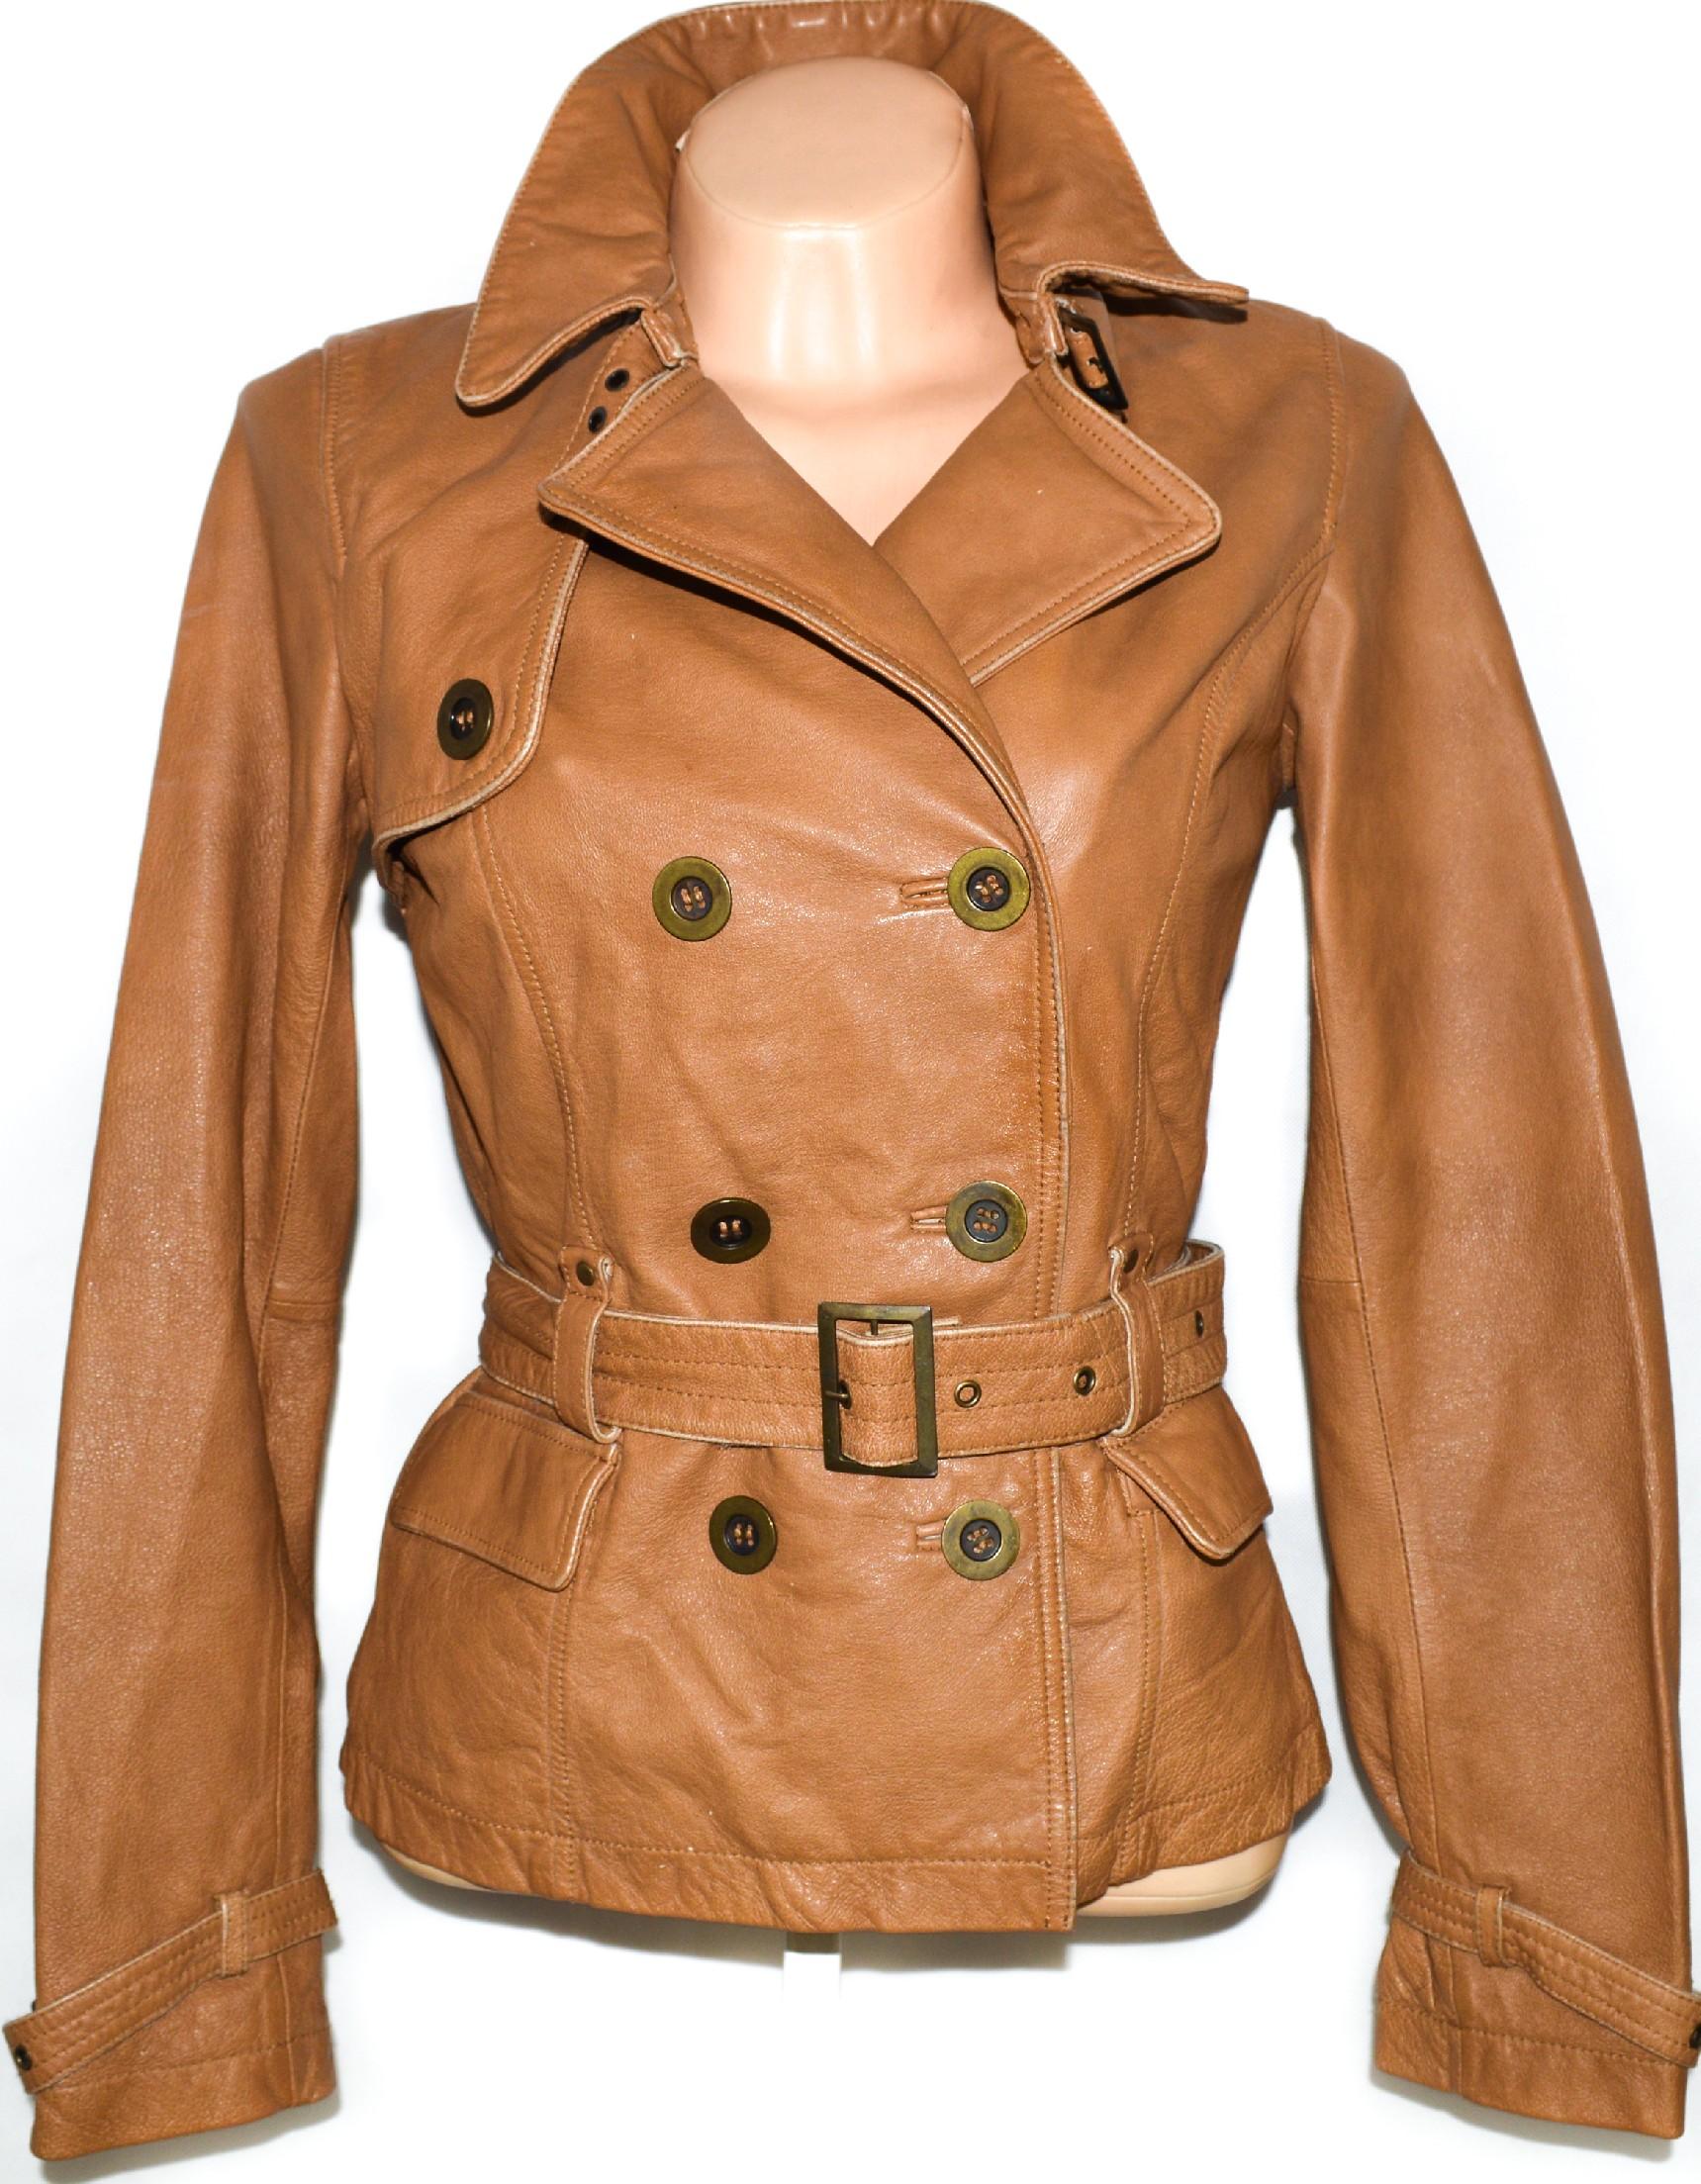 KOŽENÝ dámský hnědý měkký kabátek s páskem ORSAY 38